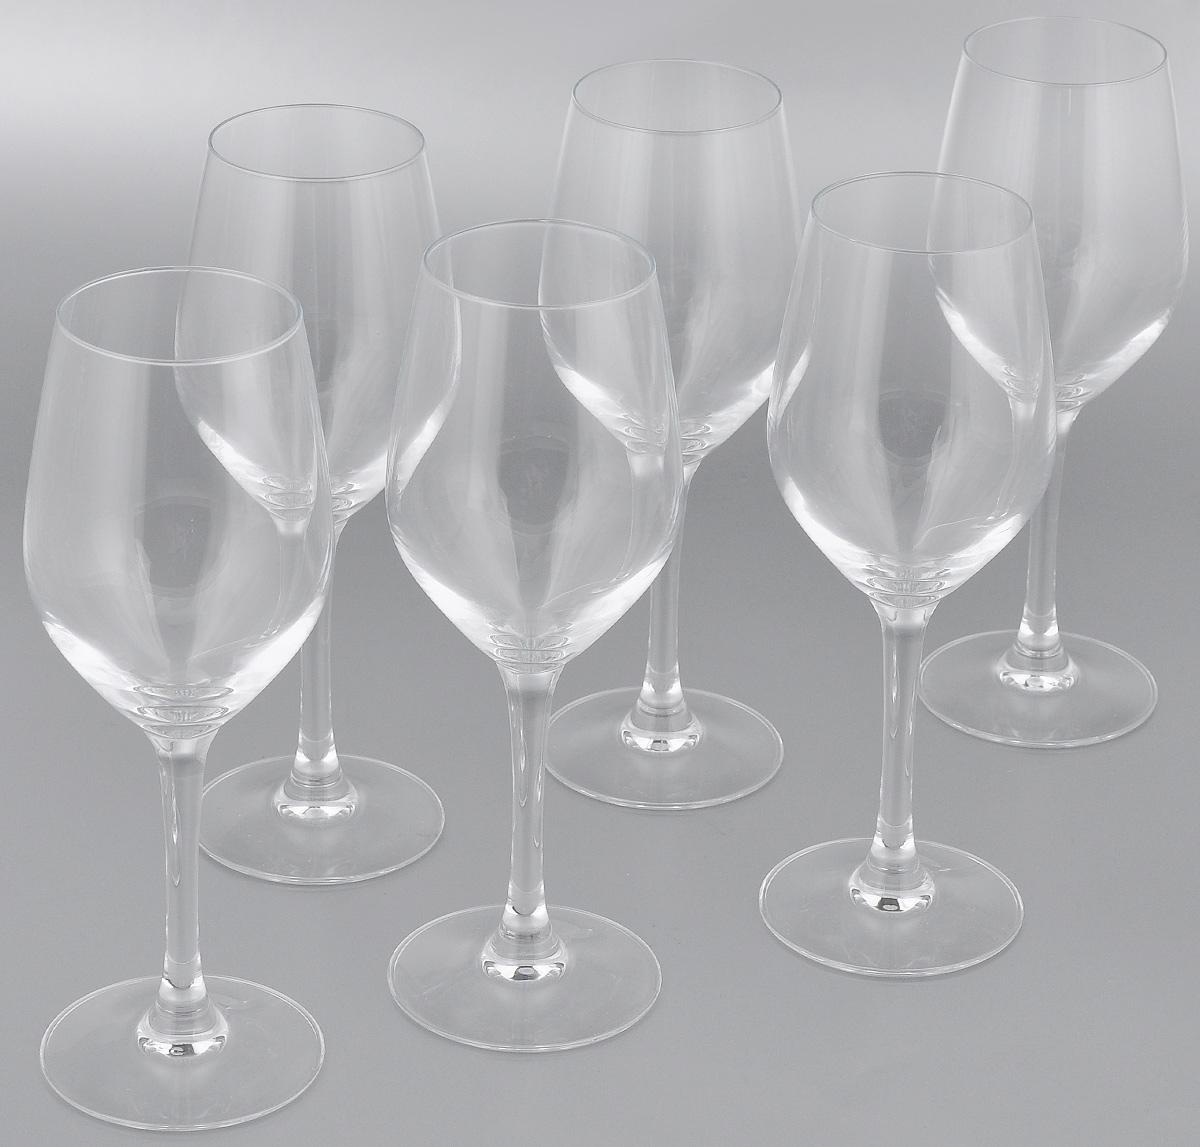 Набор фужеров для вина Luminarc Hermitage, 270 мл, 6 штH2601Набор Luminarc Hermitage состоит из шести фужеров, выполненных из прочного стекла. Изделия оснащены высокими ножками. Фужеры предназначены для подачи вина. Они сочетают в себе элегантный дизайн и функциональность. Благодаря такому набору пить напитки будет еще вкуснее. Набор фужеров Luminarc Hermitage прекрасно оформит праздничный стол и создаст приятную атмосферу за романтическим ужином. Такой набор также станет хорошим подарком к любому случаю. Диаметр фужера (по верхнему краю): 5,5 см. Высота фужера: 20,5 см.